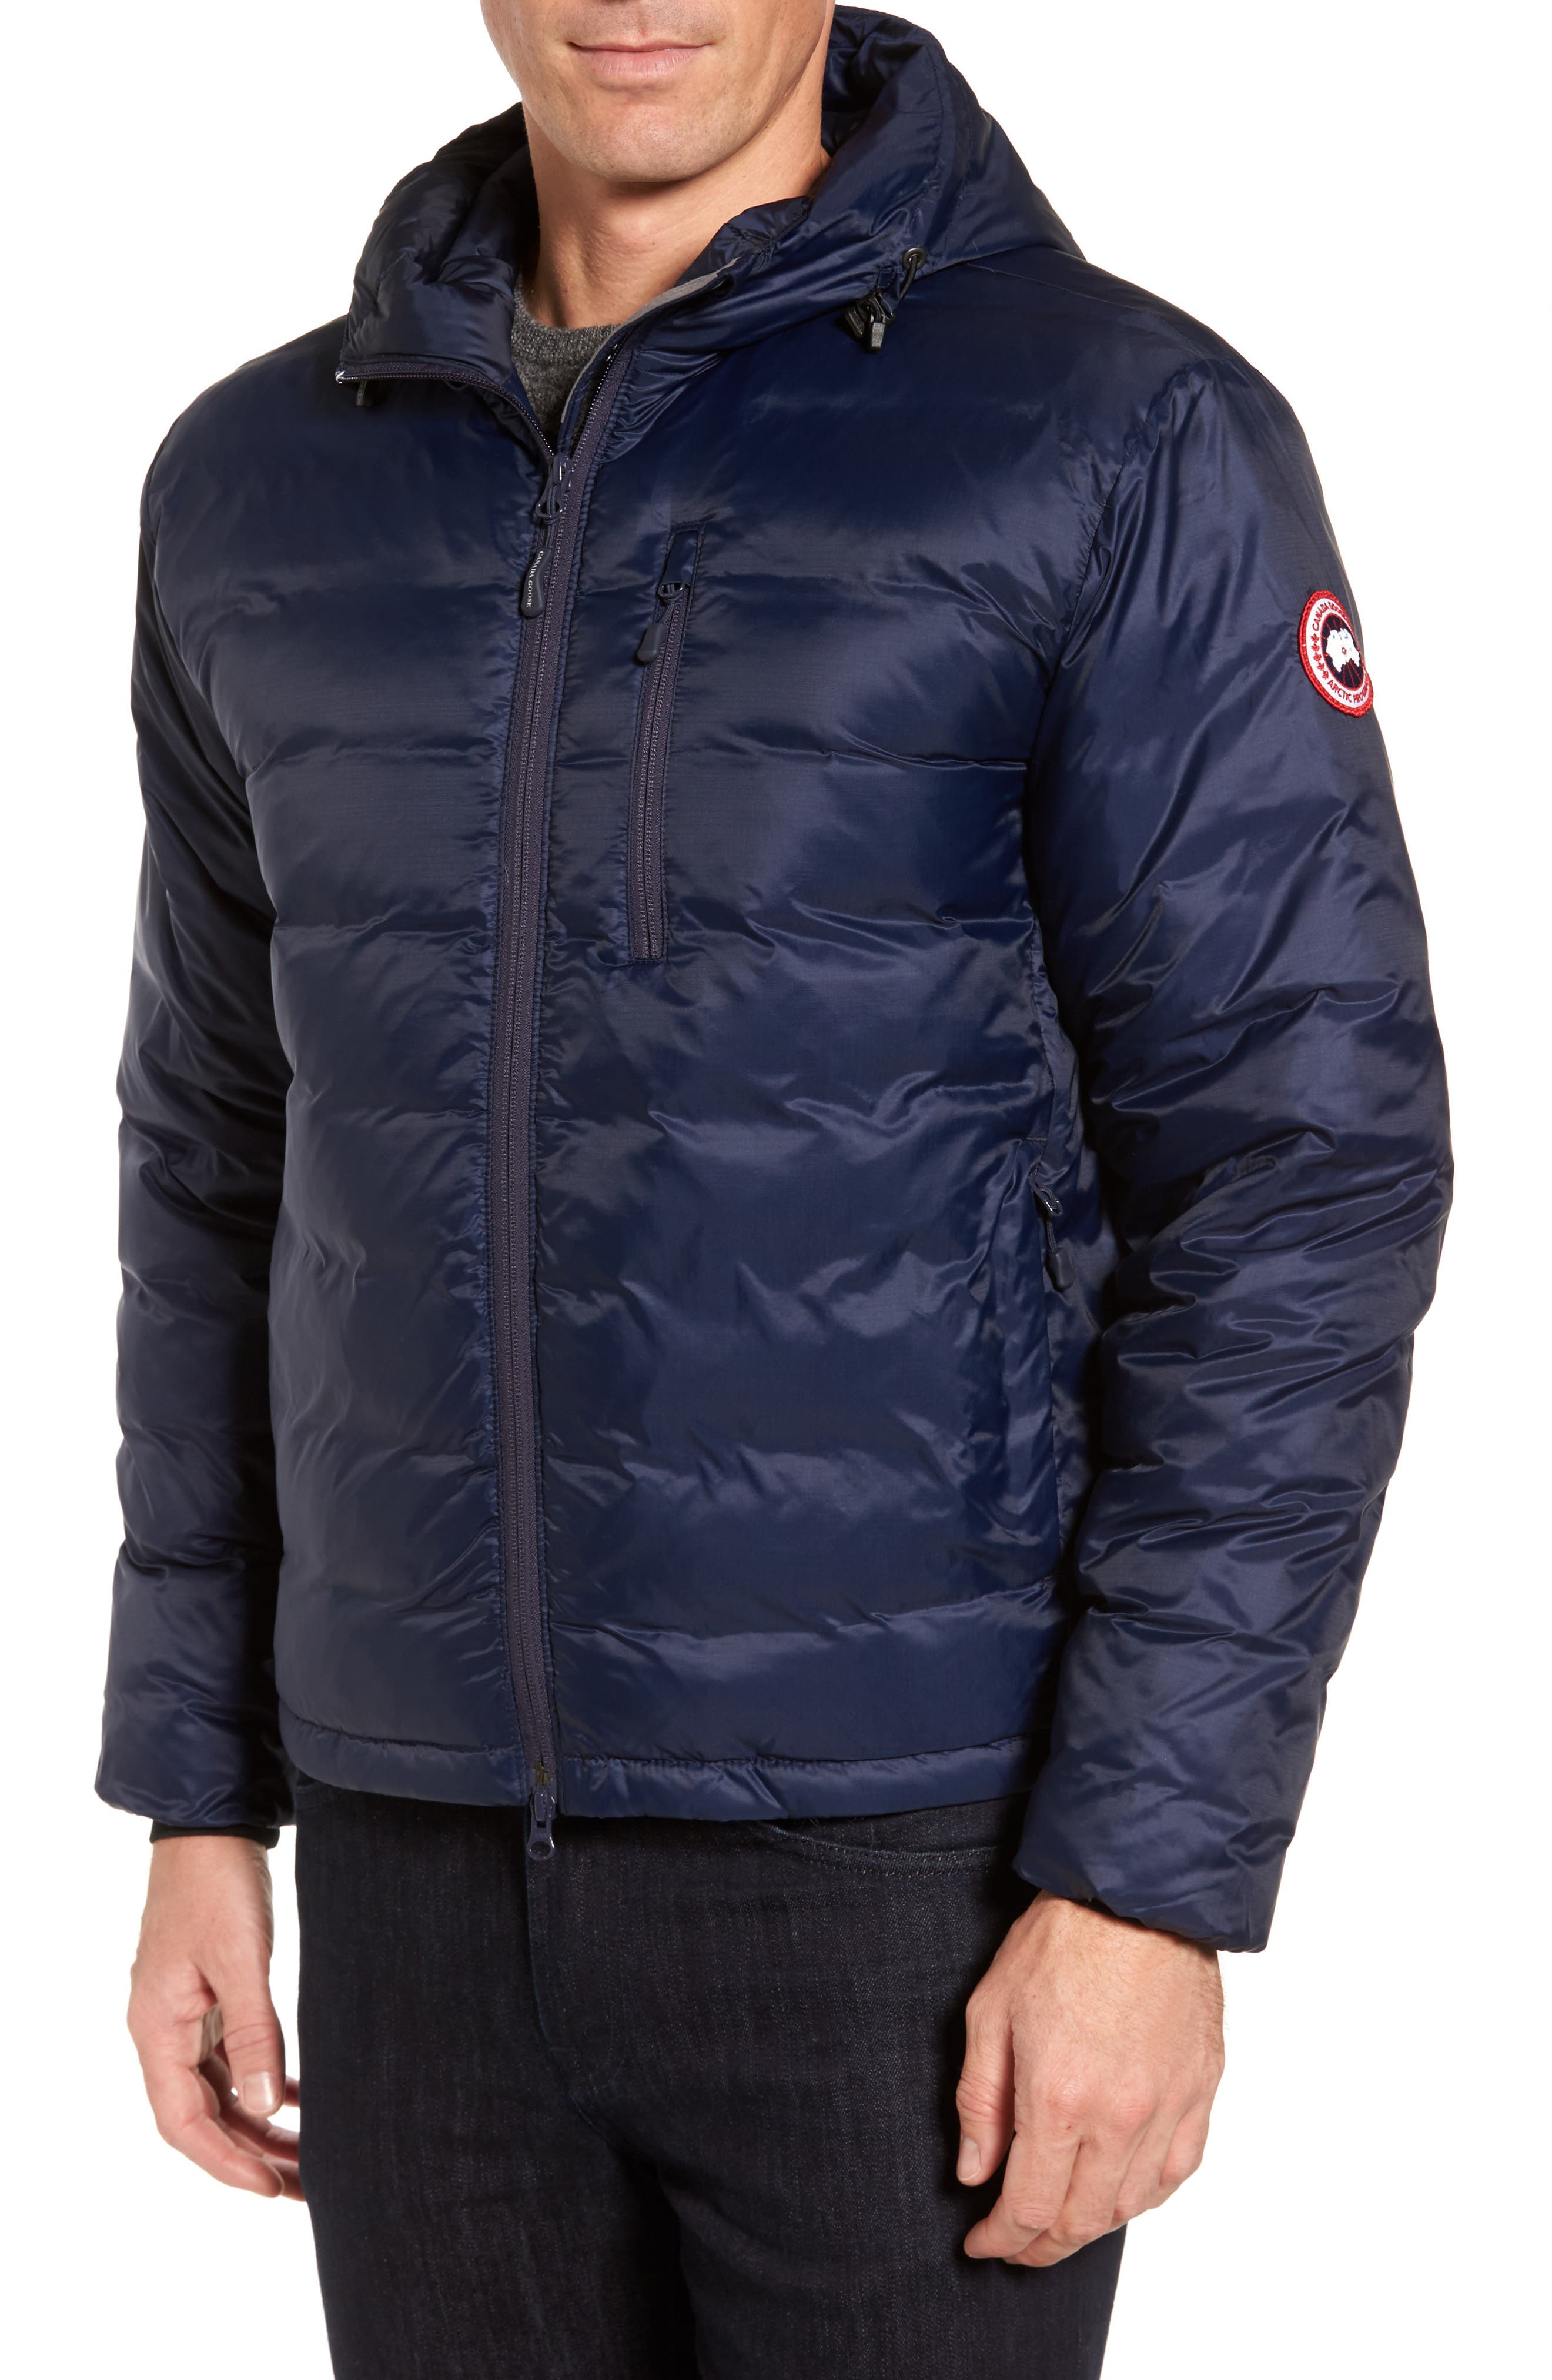 Alternate Image 1 Selected - Canada Goose 'Lodge' Slim Fit Packable Hoodie